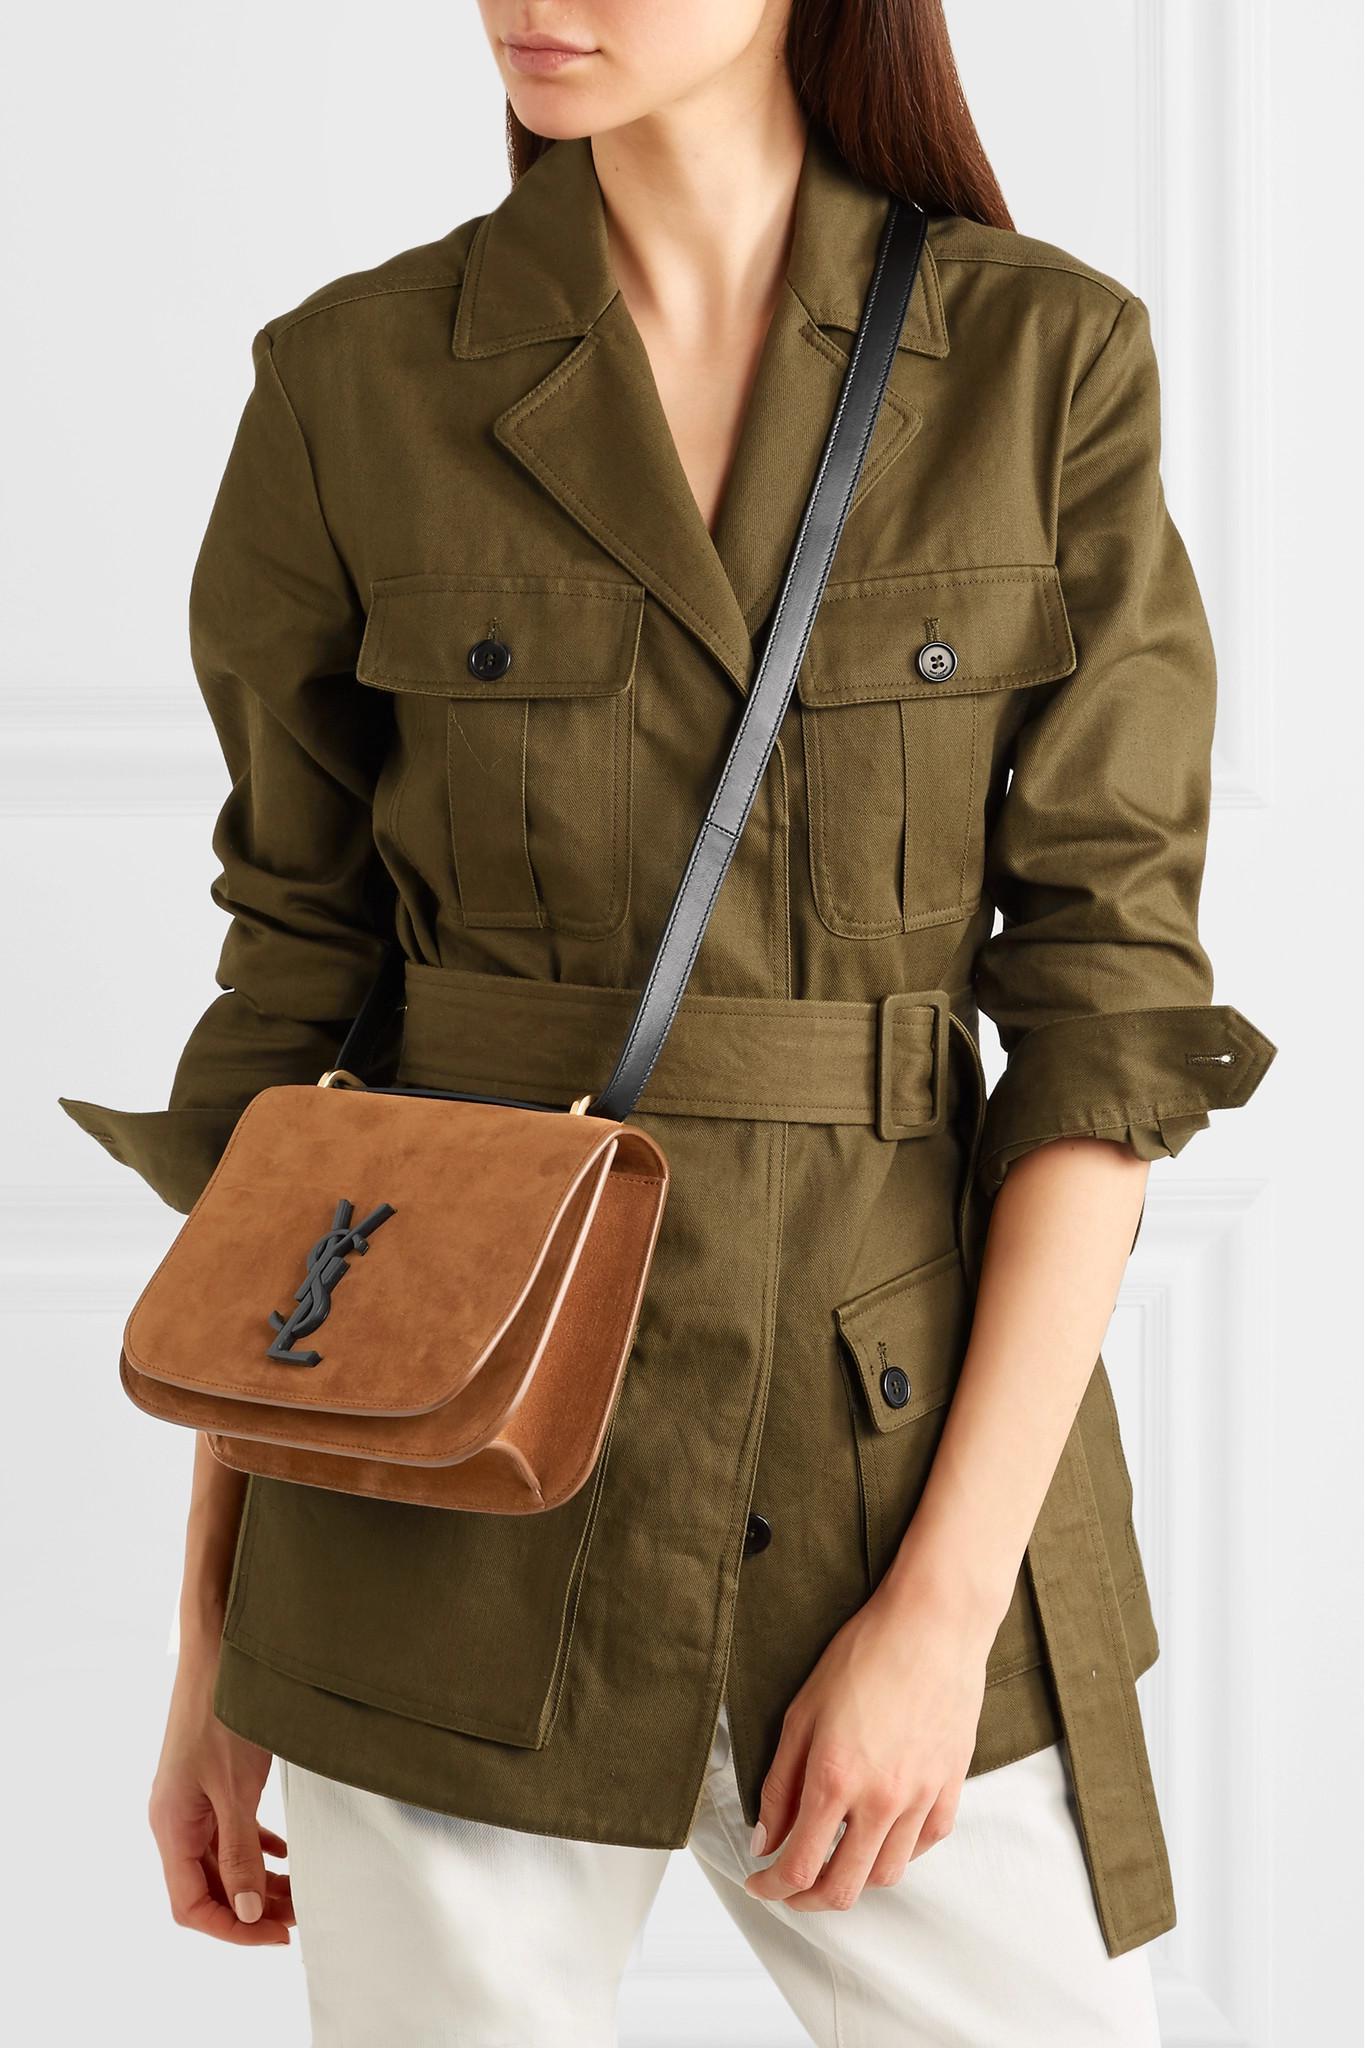 c013df5ade2 Saint Laurent Spontini Leather-trimmed Suede Shoulder Bag - Lyst